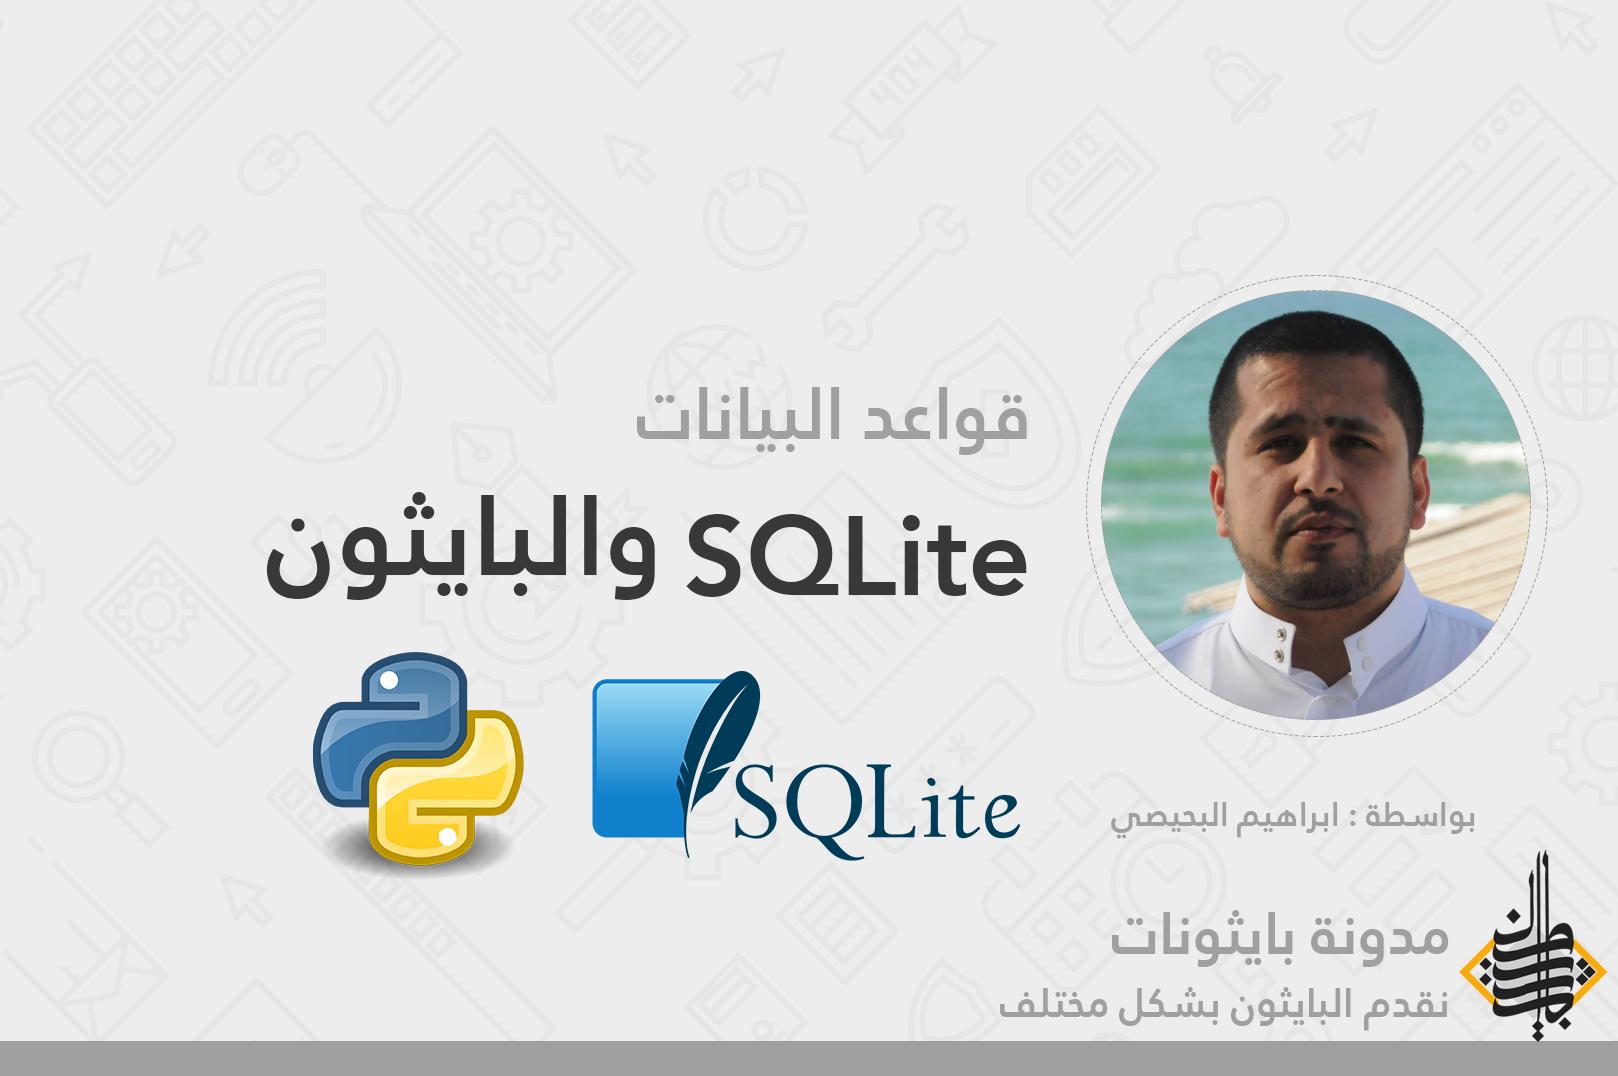 قواعد البيانات SQLite والبايثون - كيف تُنشئ قاعدة بيانات وتتعامل معها